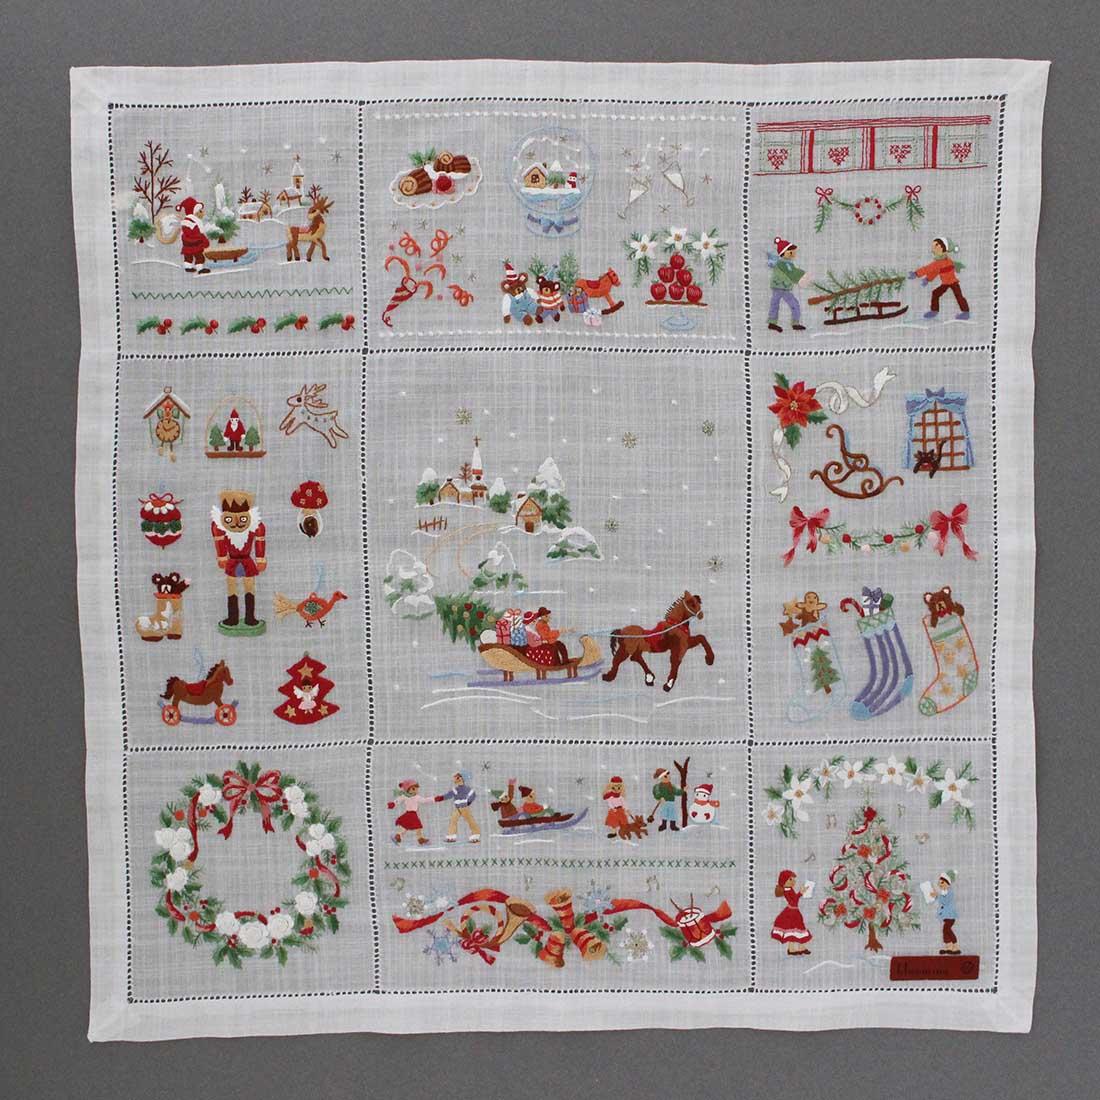 【送料無料】ベトナム手刺繍ハンカチ クリスマス 4701 ホワイト